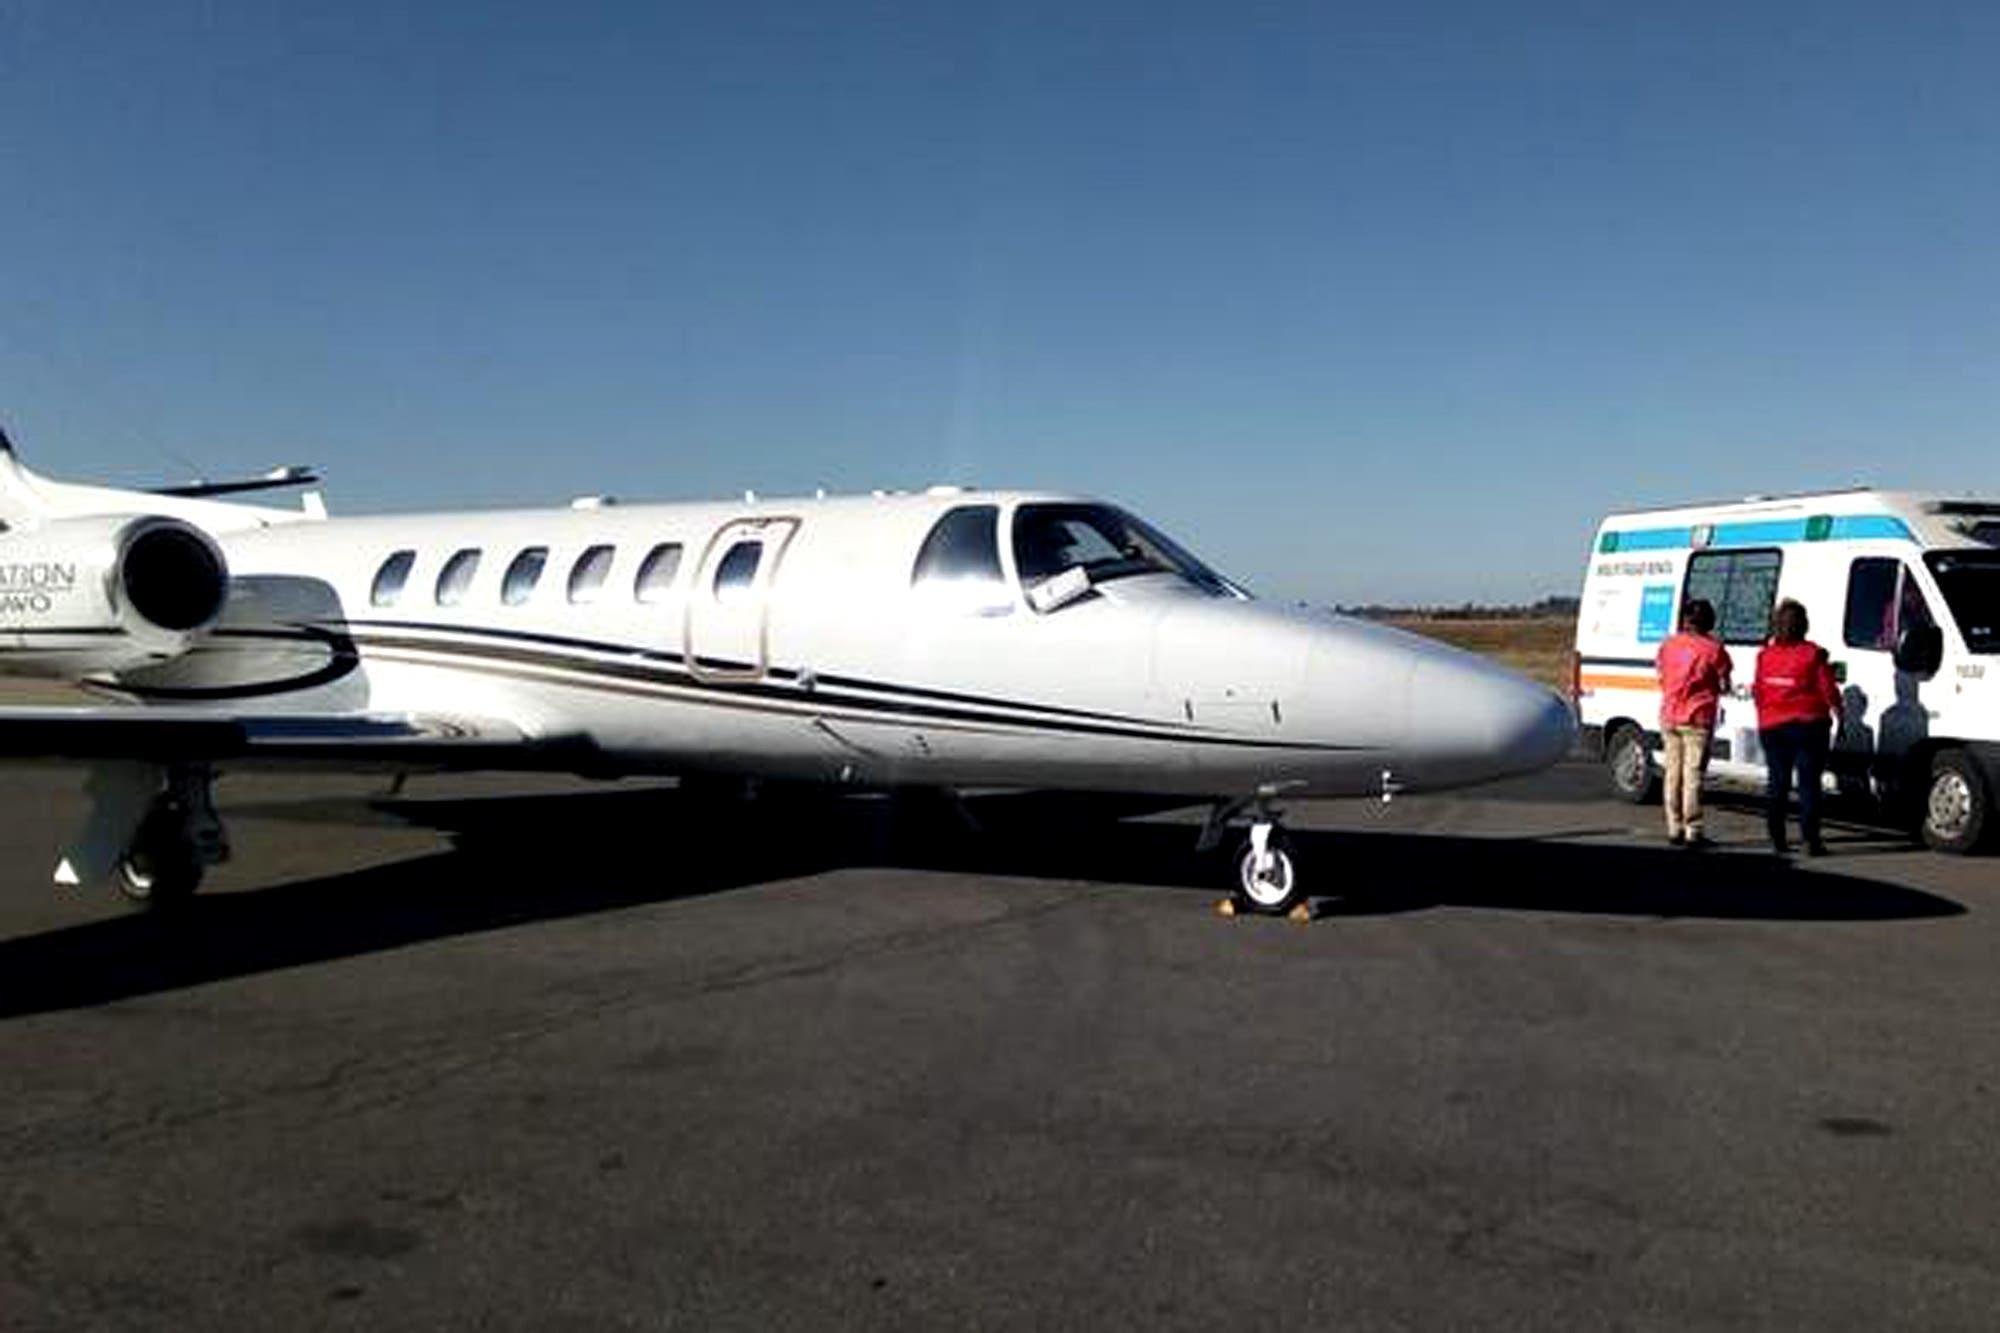 El avión sanitario de Tucumán voló tanto como para dar 22 vueltas al mundo en cinco años